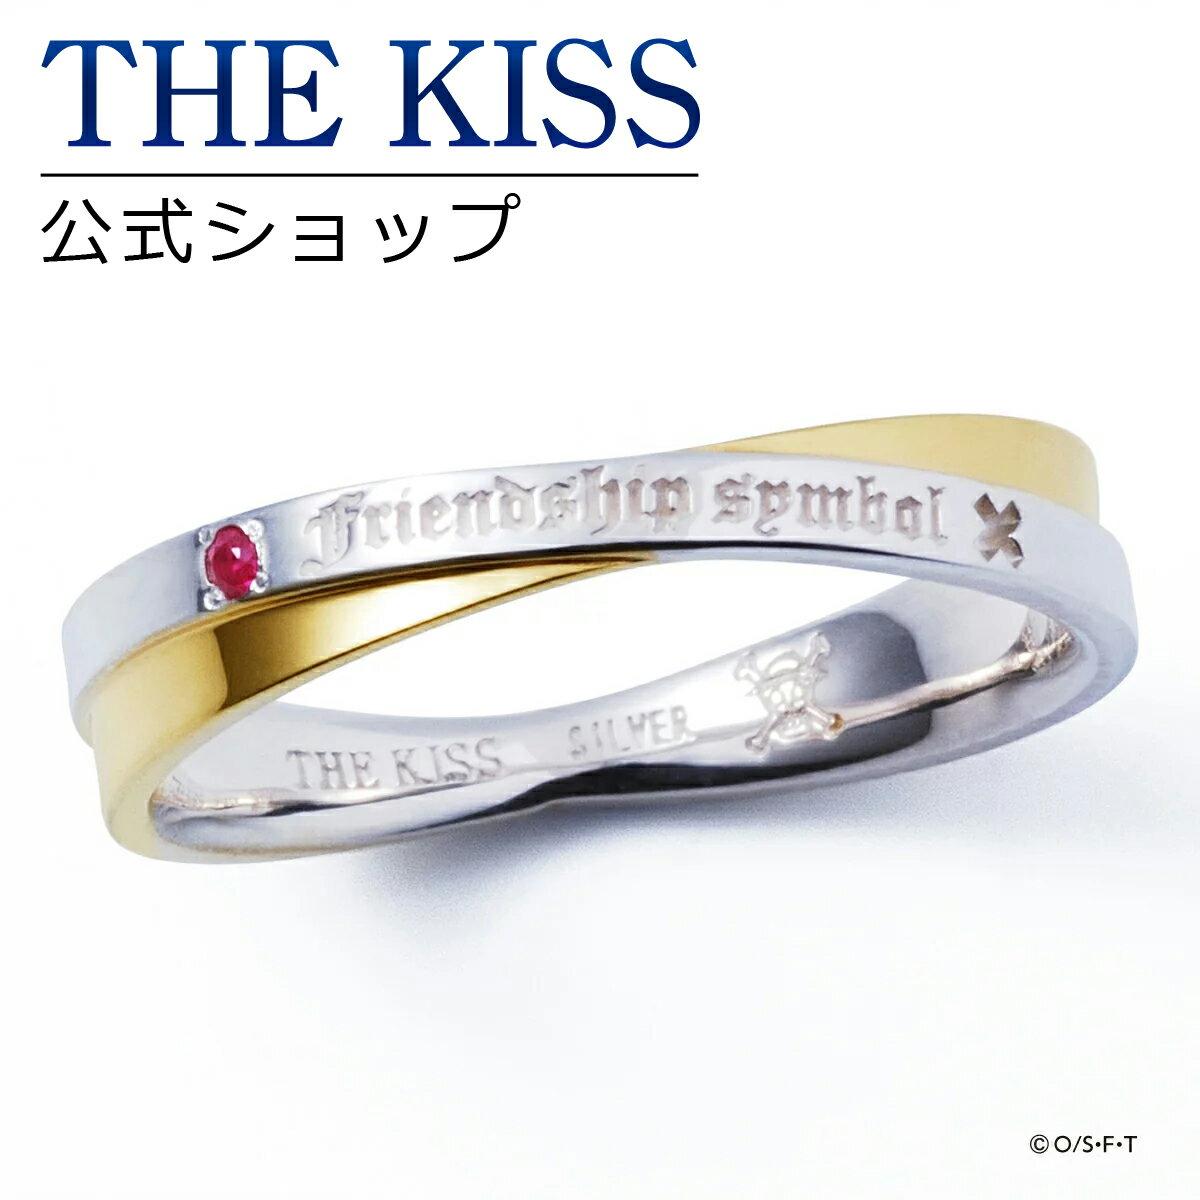 【あす楽対応】【送料無料】【ペアリング】【ONE PIECE】麦わらの一味 ペアリング ルフィ ゴールドVer. ルビー シルバーリング☆ THE KISS シルバ- ペア リング 指輪 ブランド SILVER Pair Ring couple